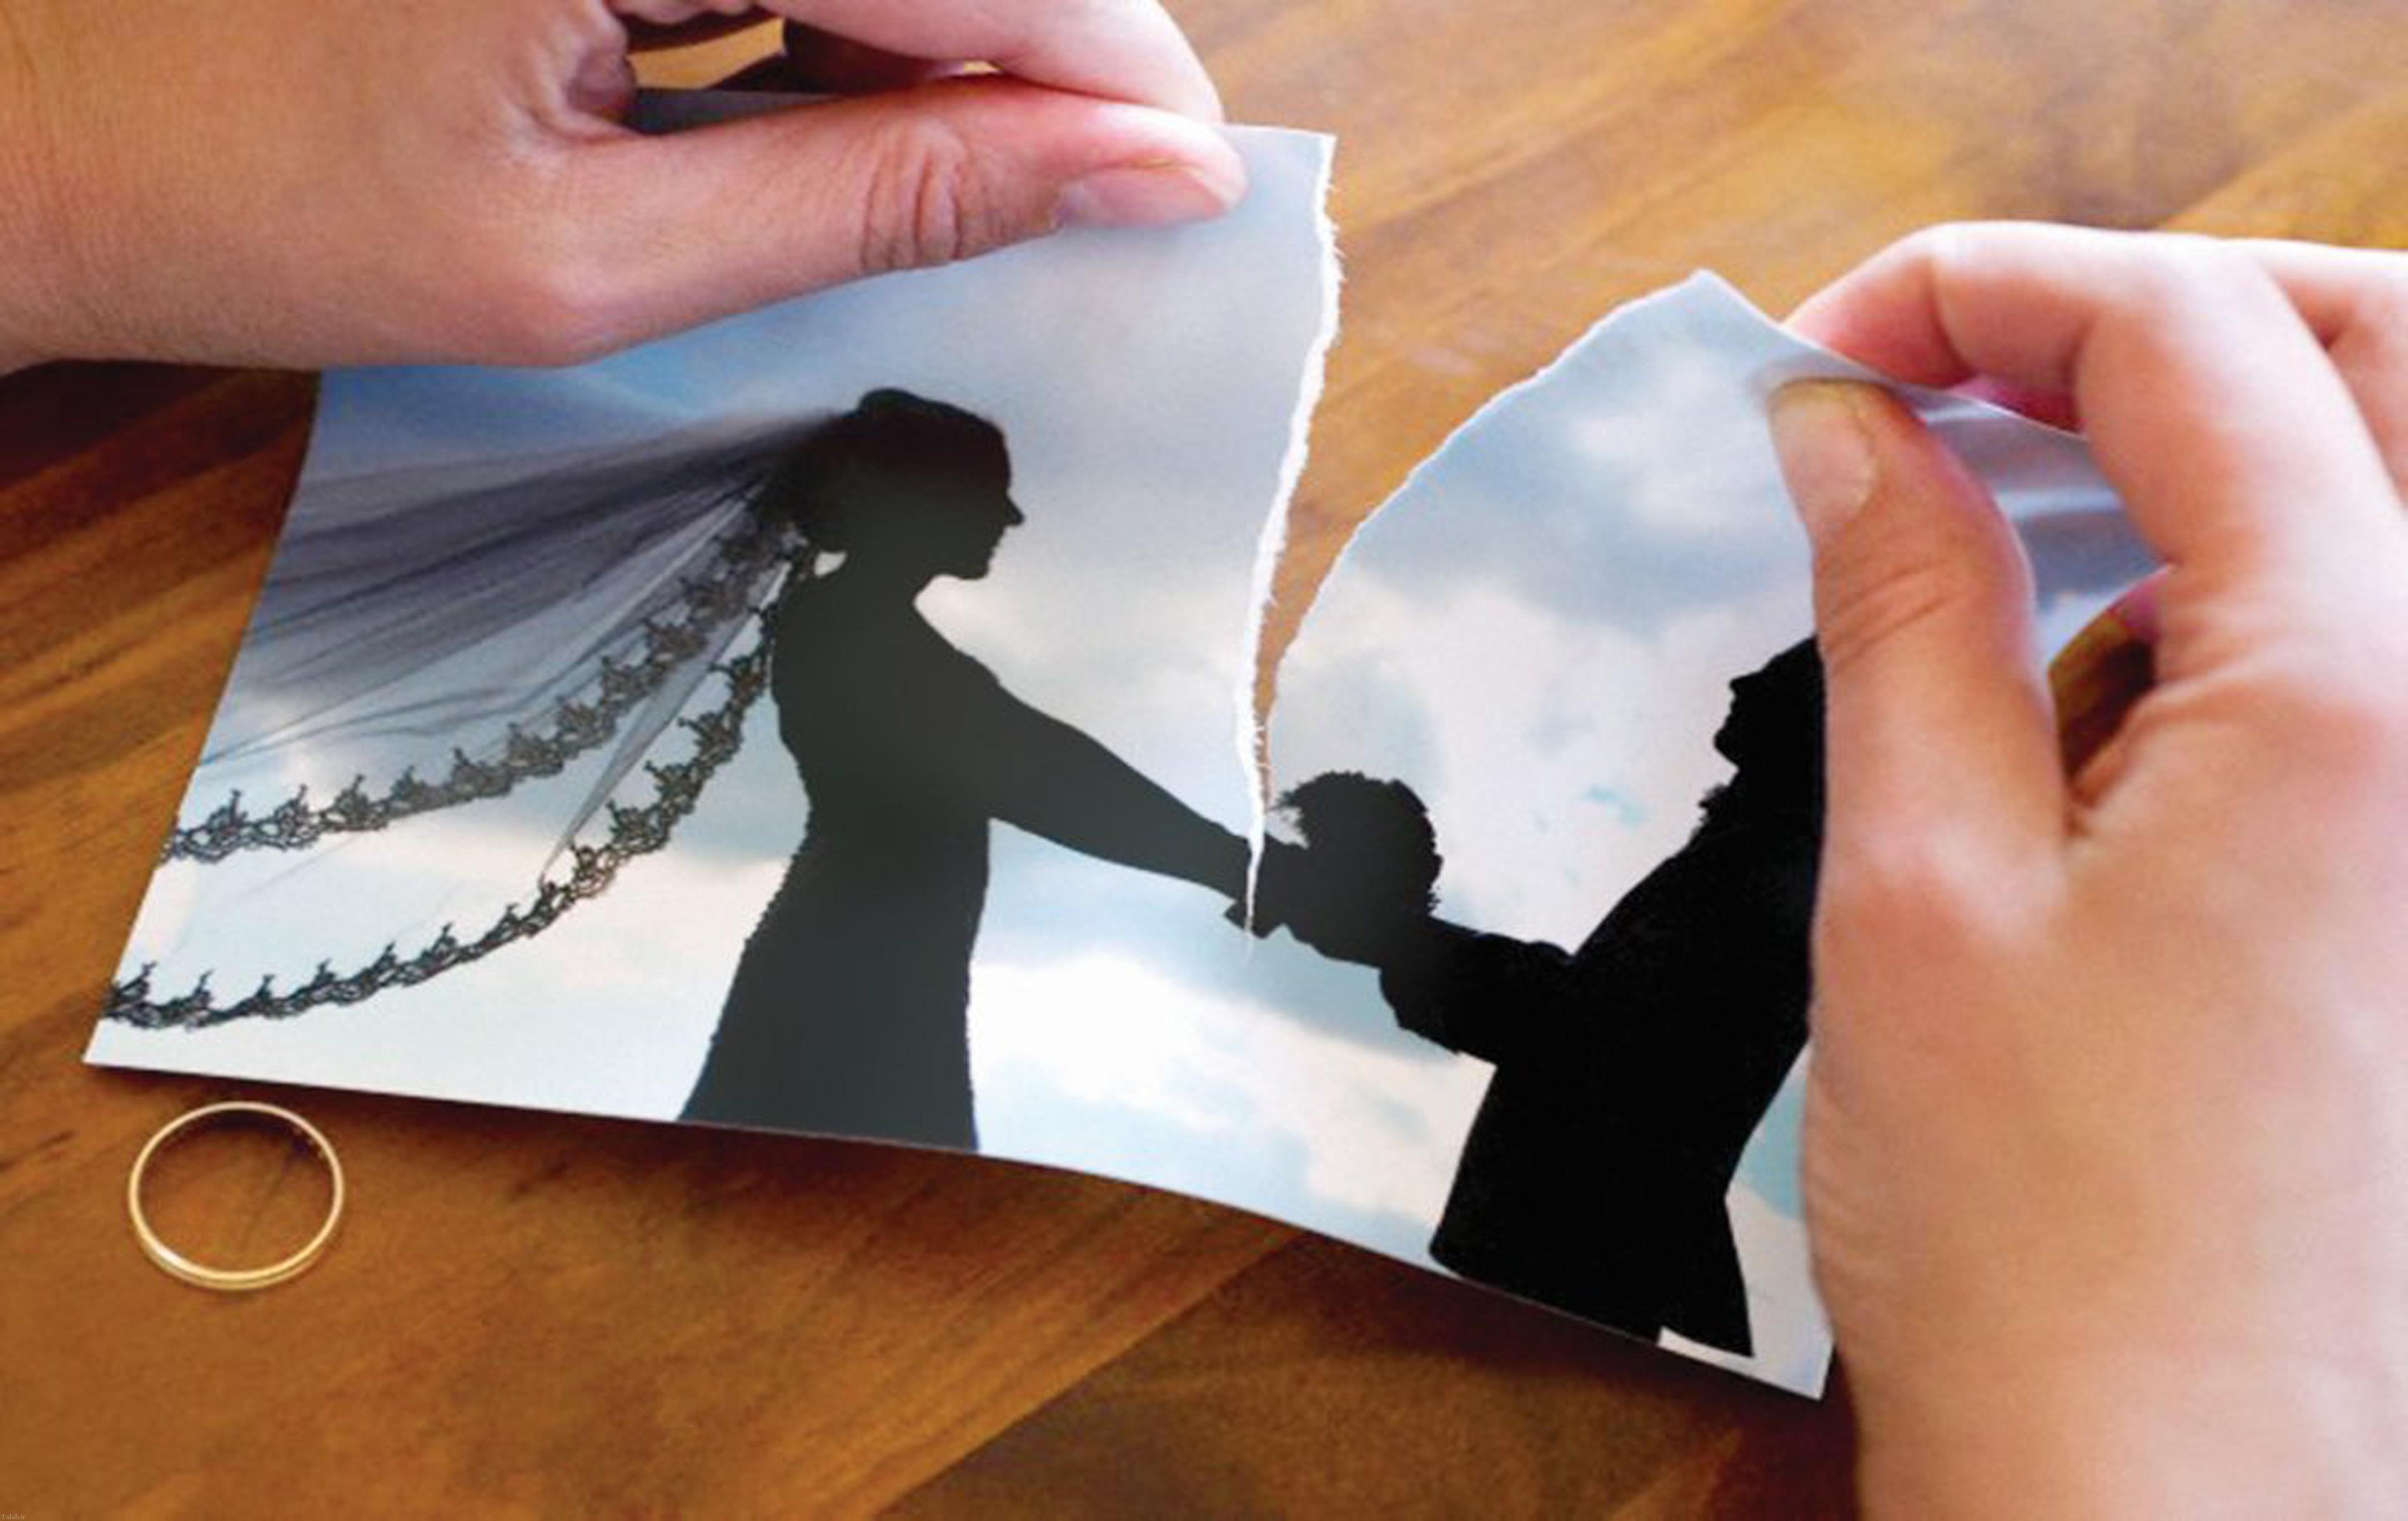 نصف کردن خانه بعد از طلاق این زوج (+عکس)